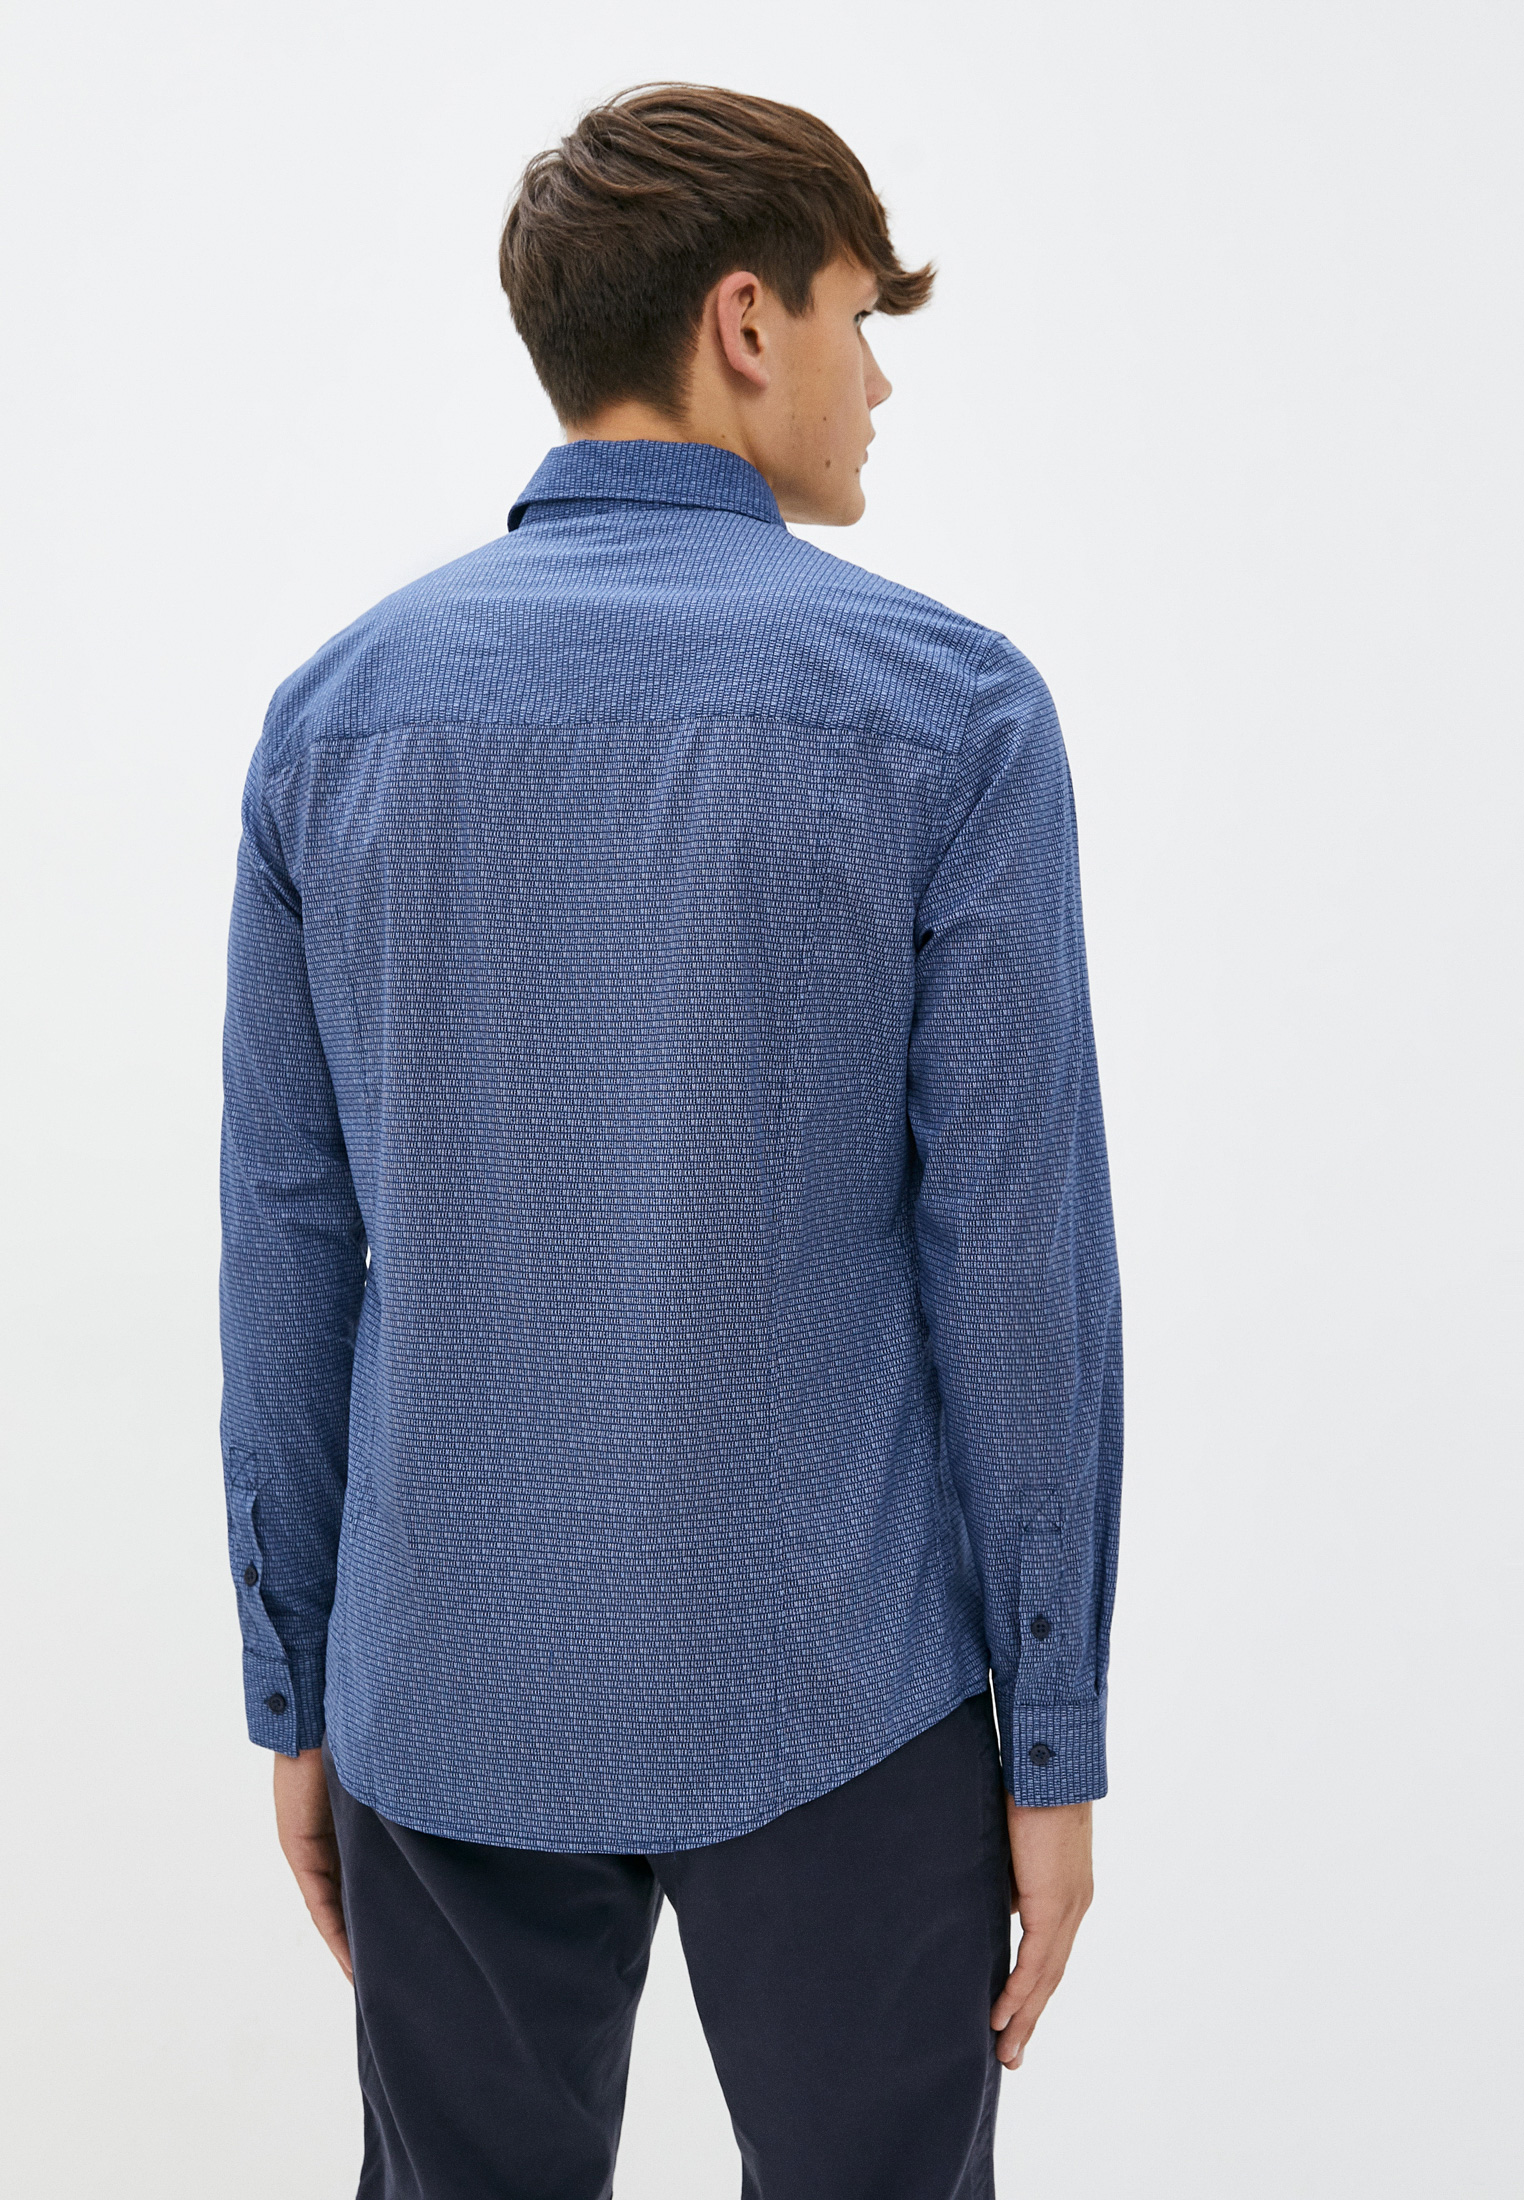 Рубашка с длинным рукавом Bikkembergs (Биккембергс) C C 009 00 S 3353: изображение 4